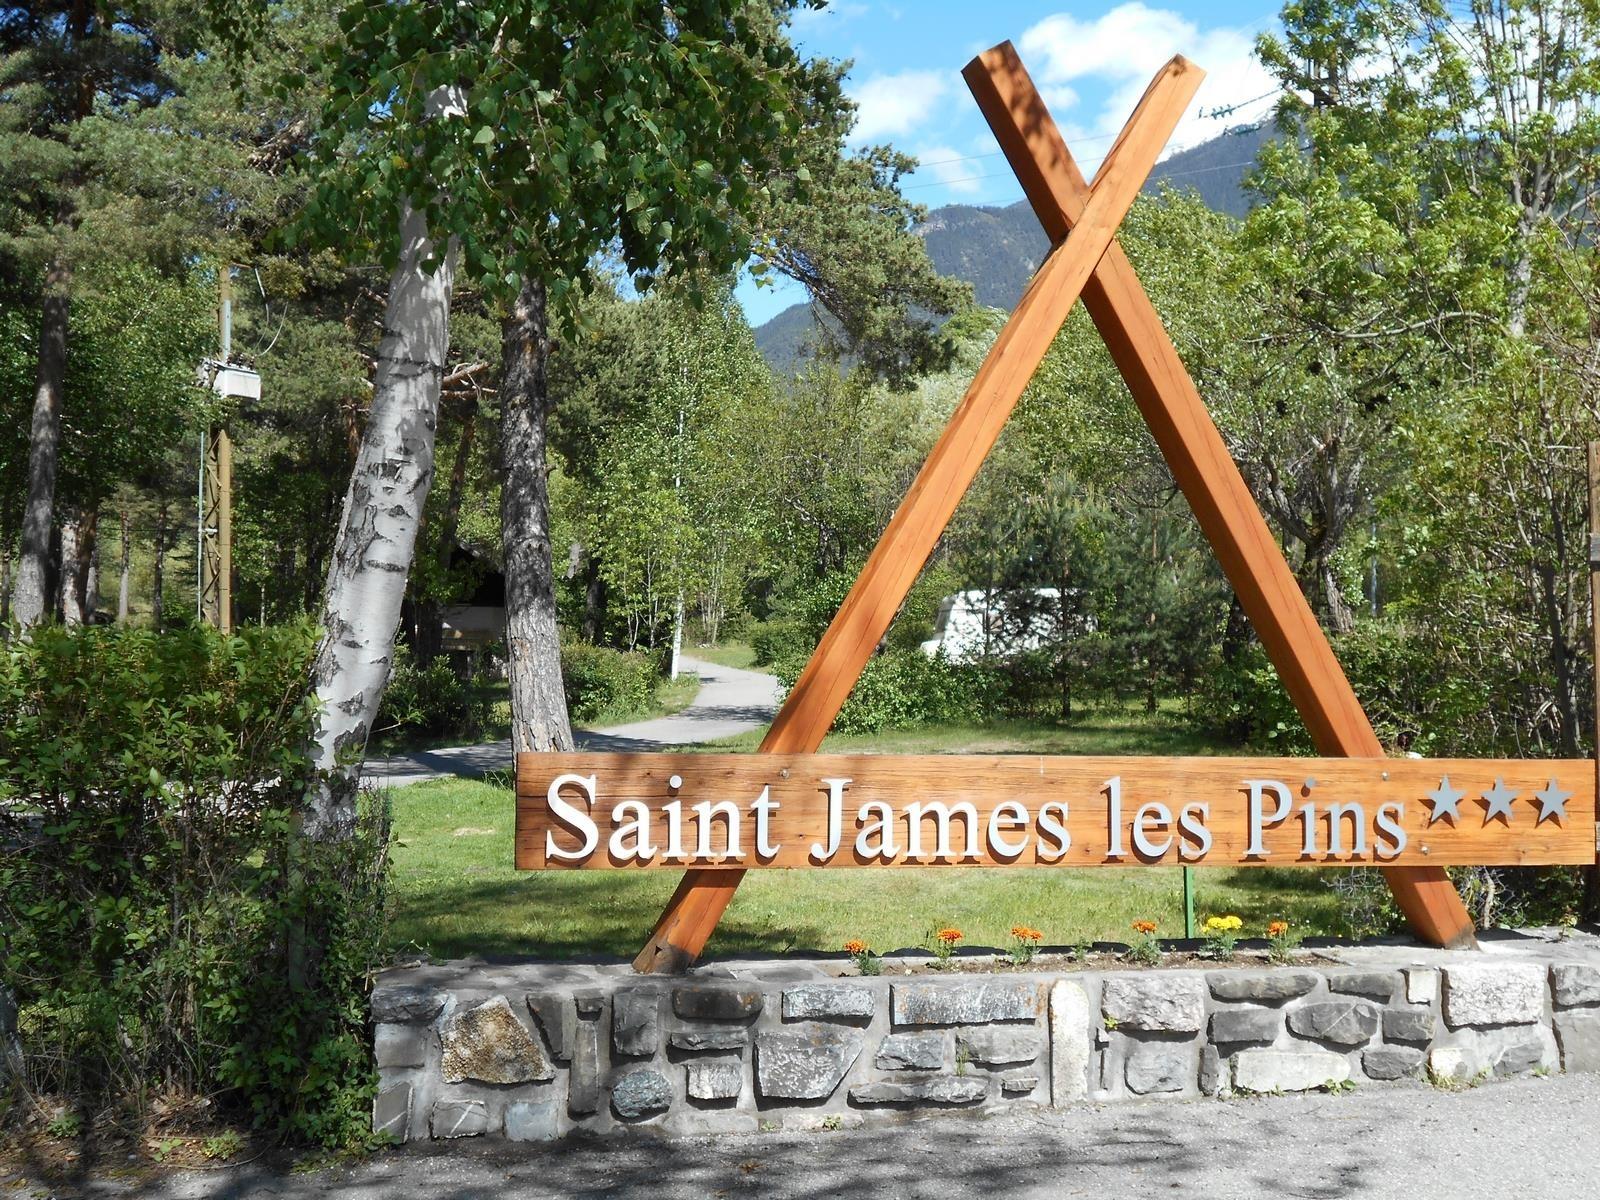 campsite Camping Chalets Résidentiels SAINT JAMES LES PINS GUILLESTRE